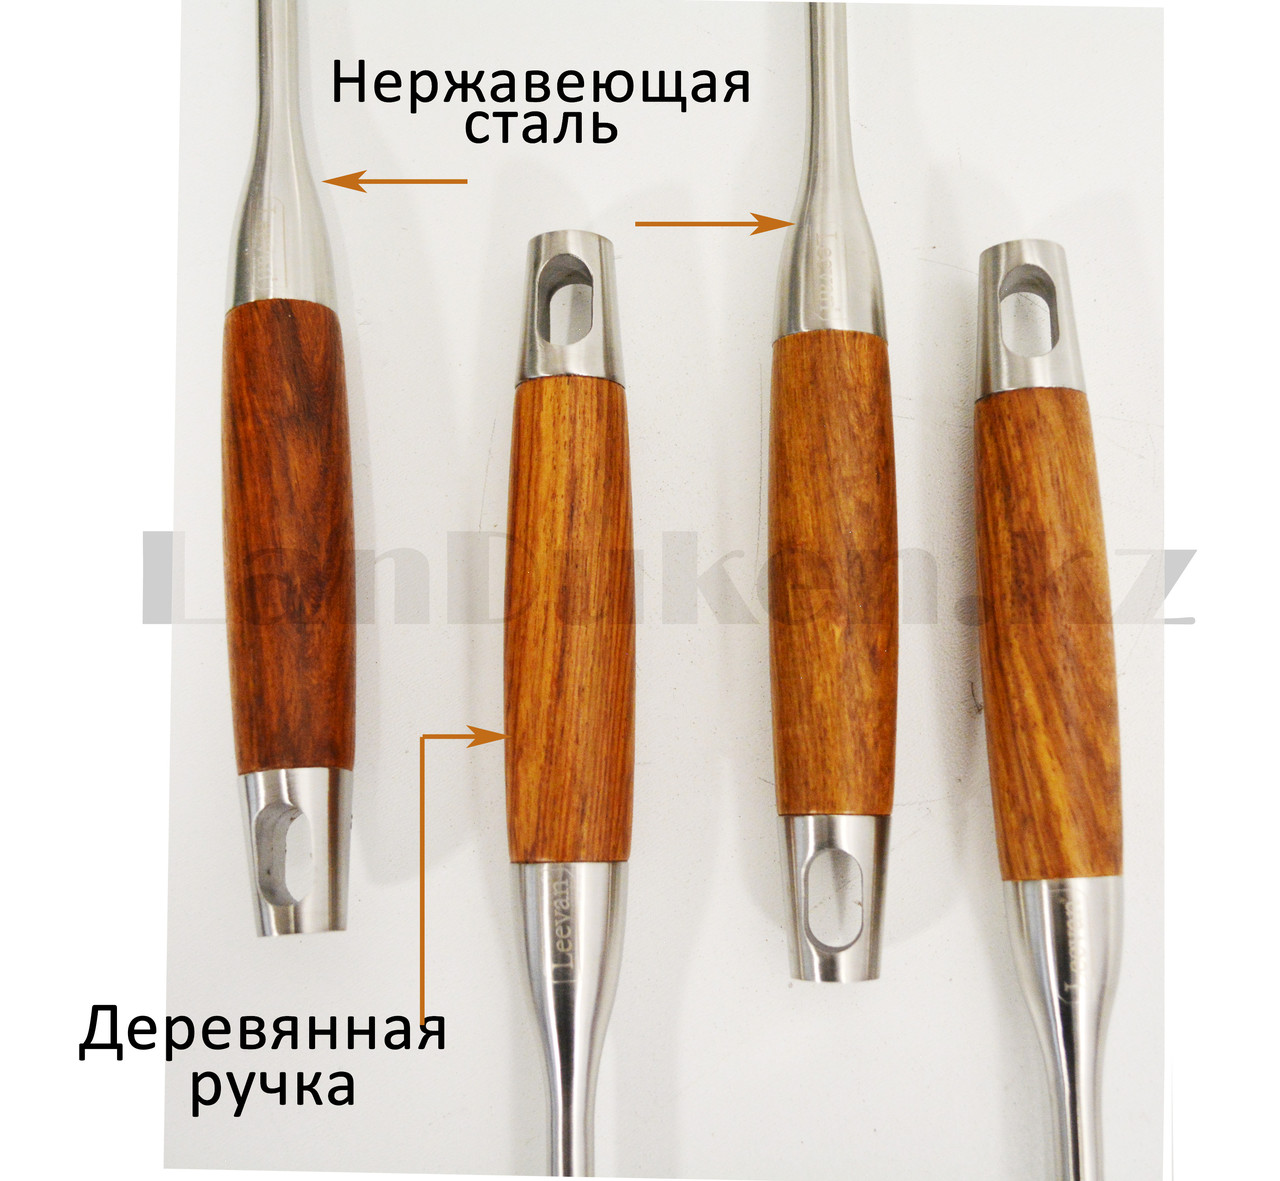 Набор кухонных аксессуаров 7 предметов из нержавеющей стали с деревянными ручками и с подставкой Leevan 8115 - фото 9